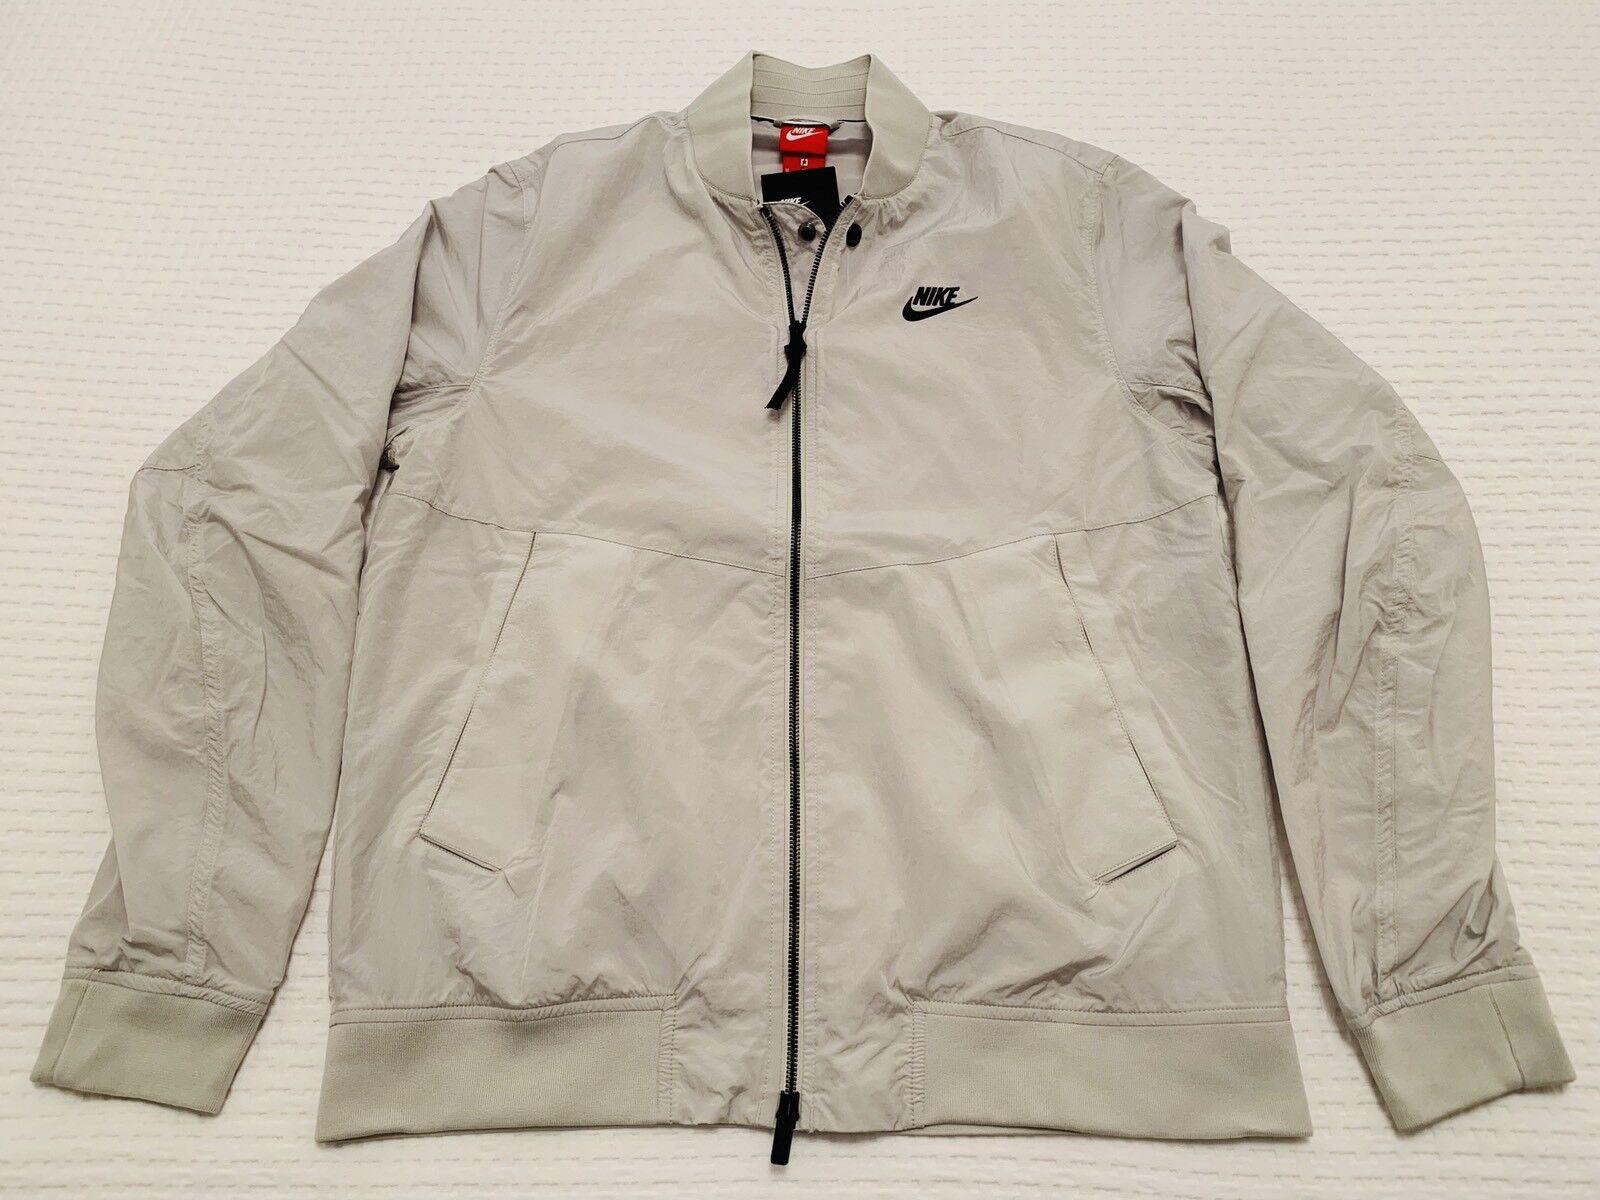 CHAQUETA JACKET  Nike Sportswear  , Dimensione  M.